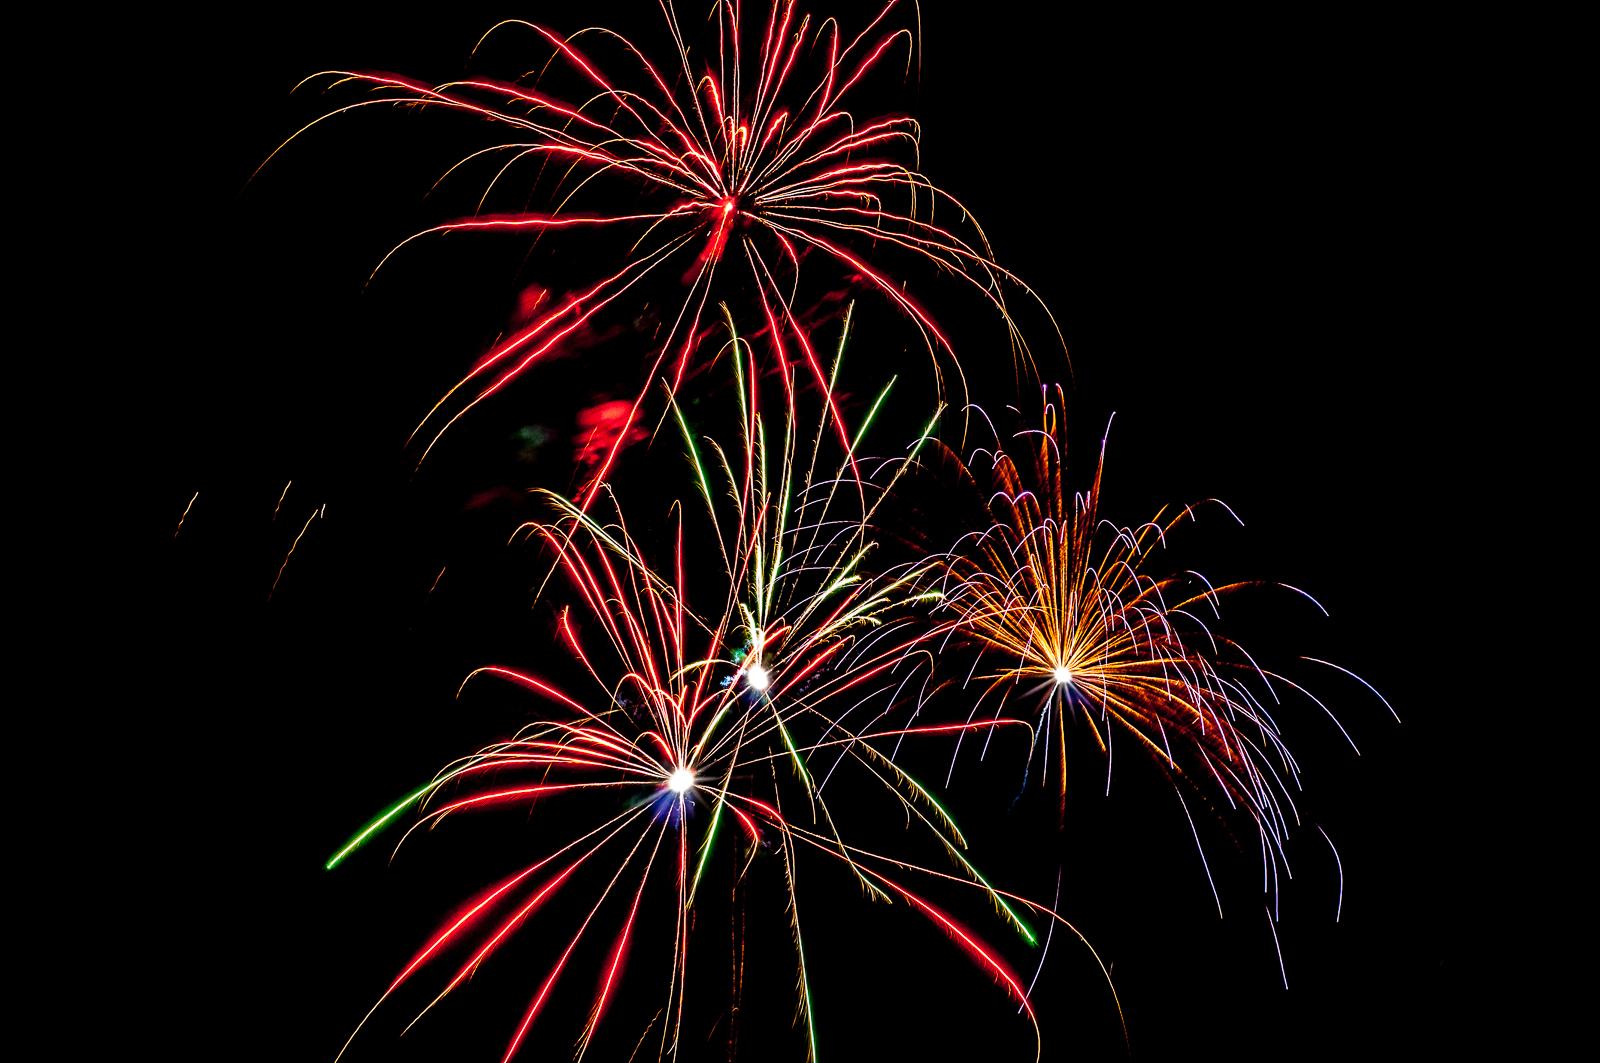 Nytår 2014 fyrværkeri 2